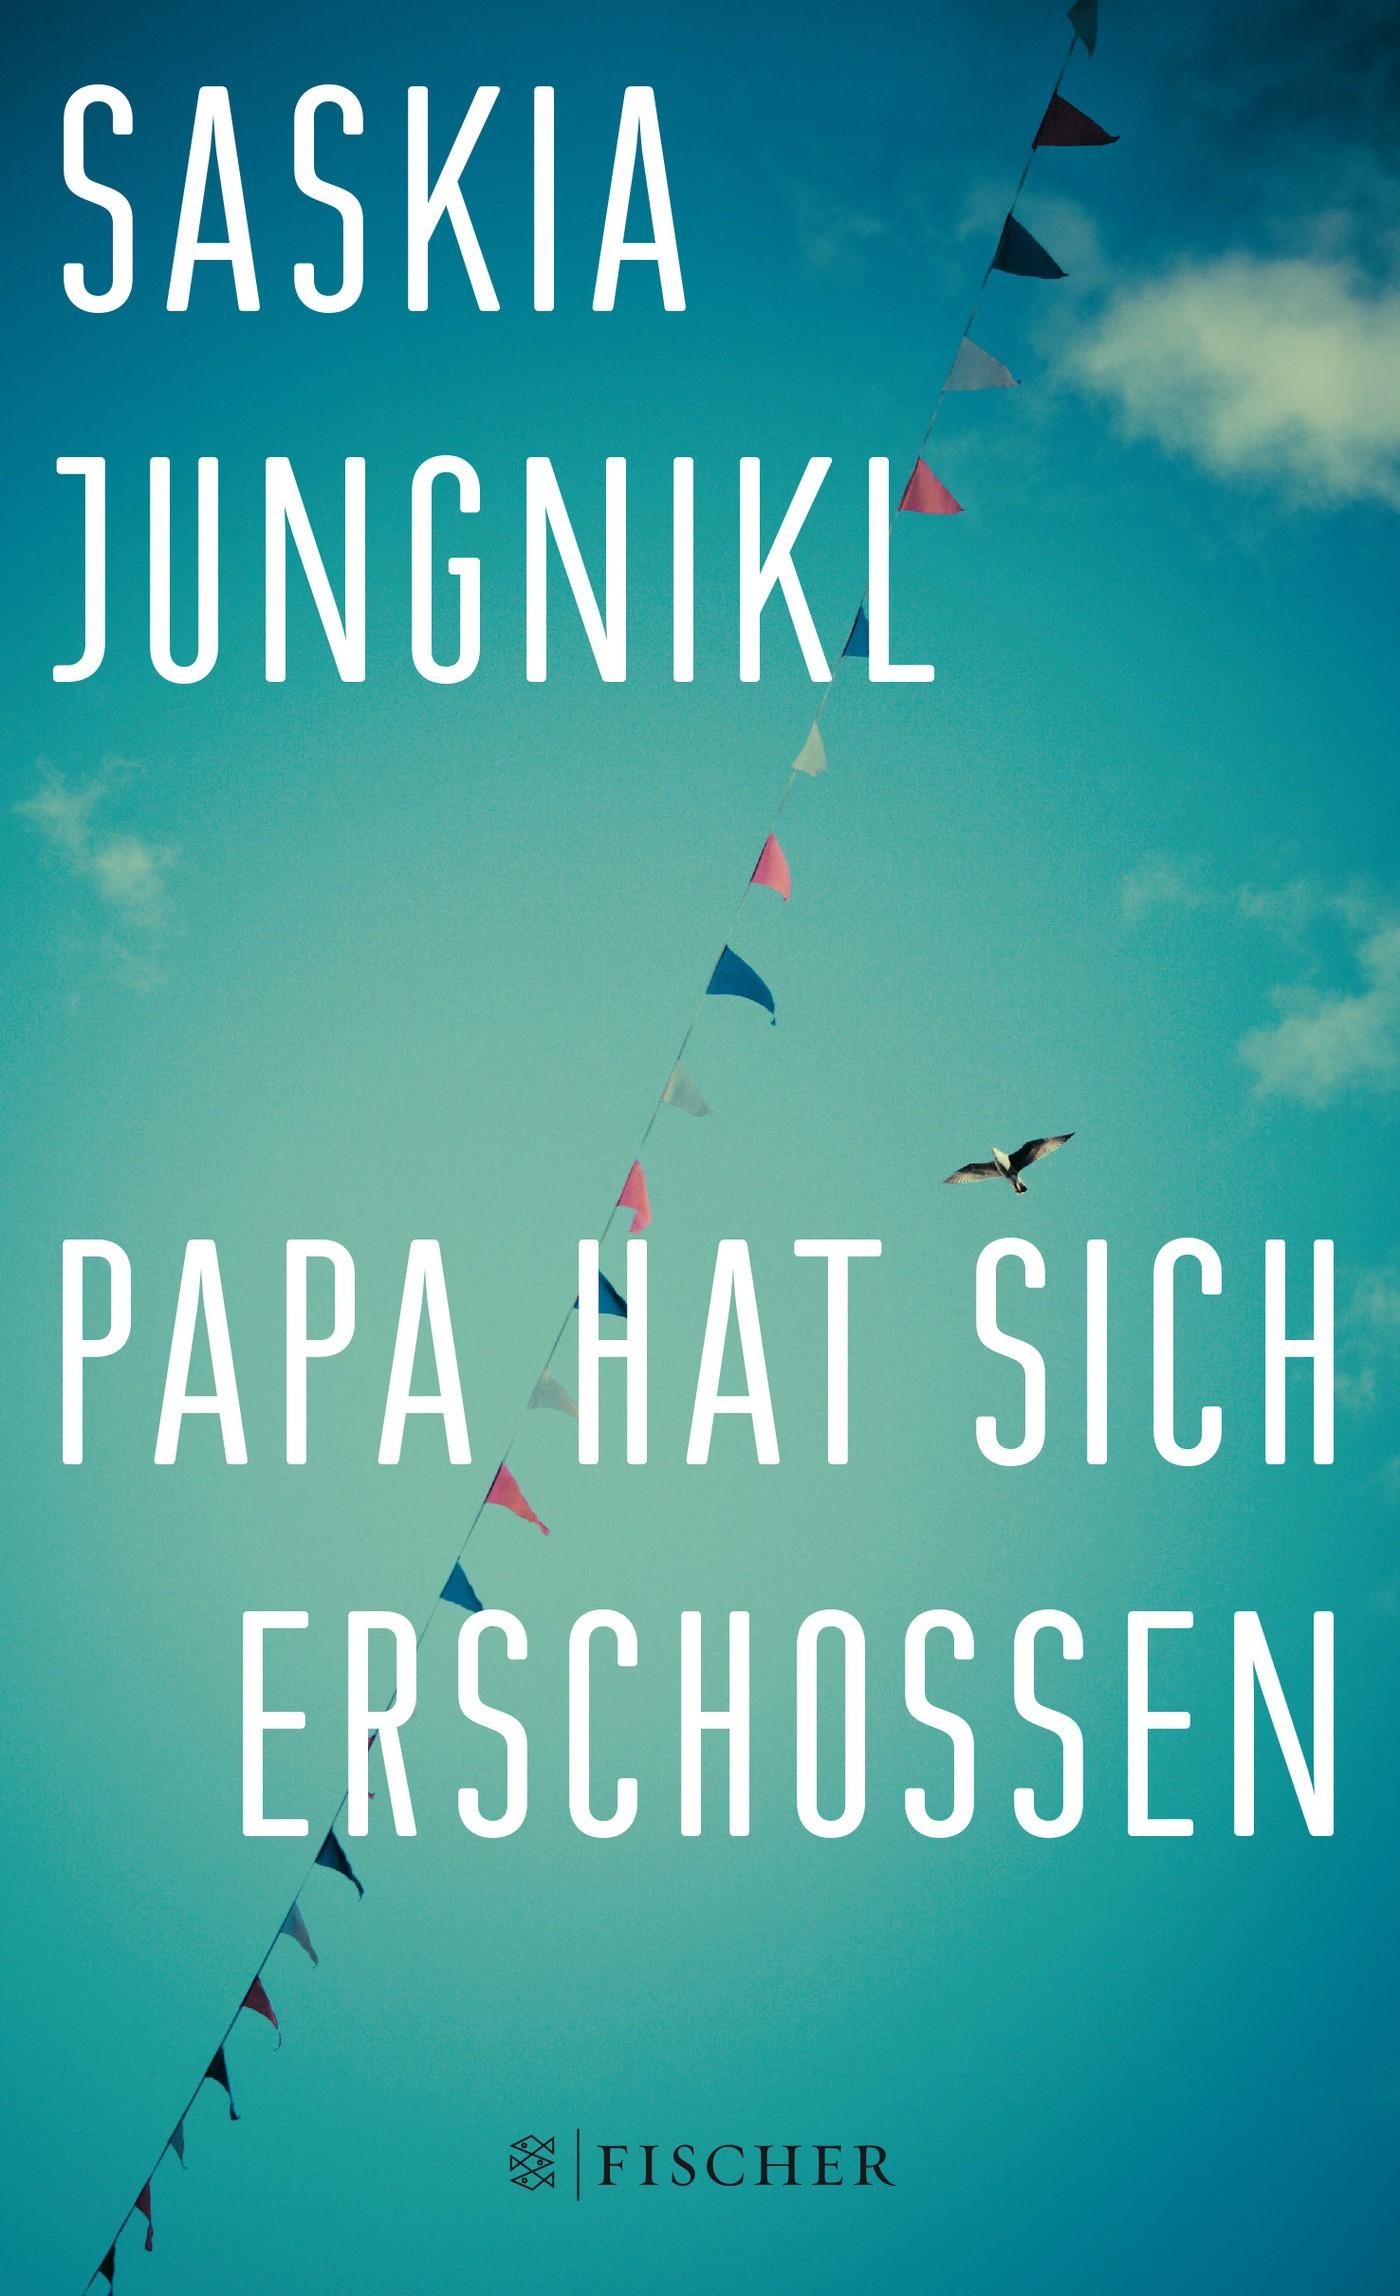 Papa hat sich erschossen | Jungnikl, 2014 | Buch (Cover)